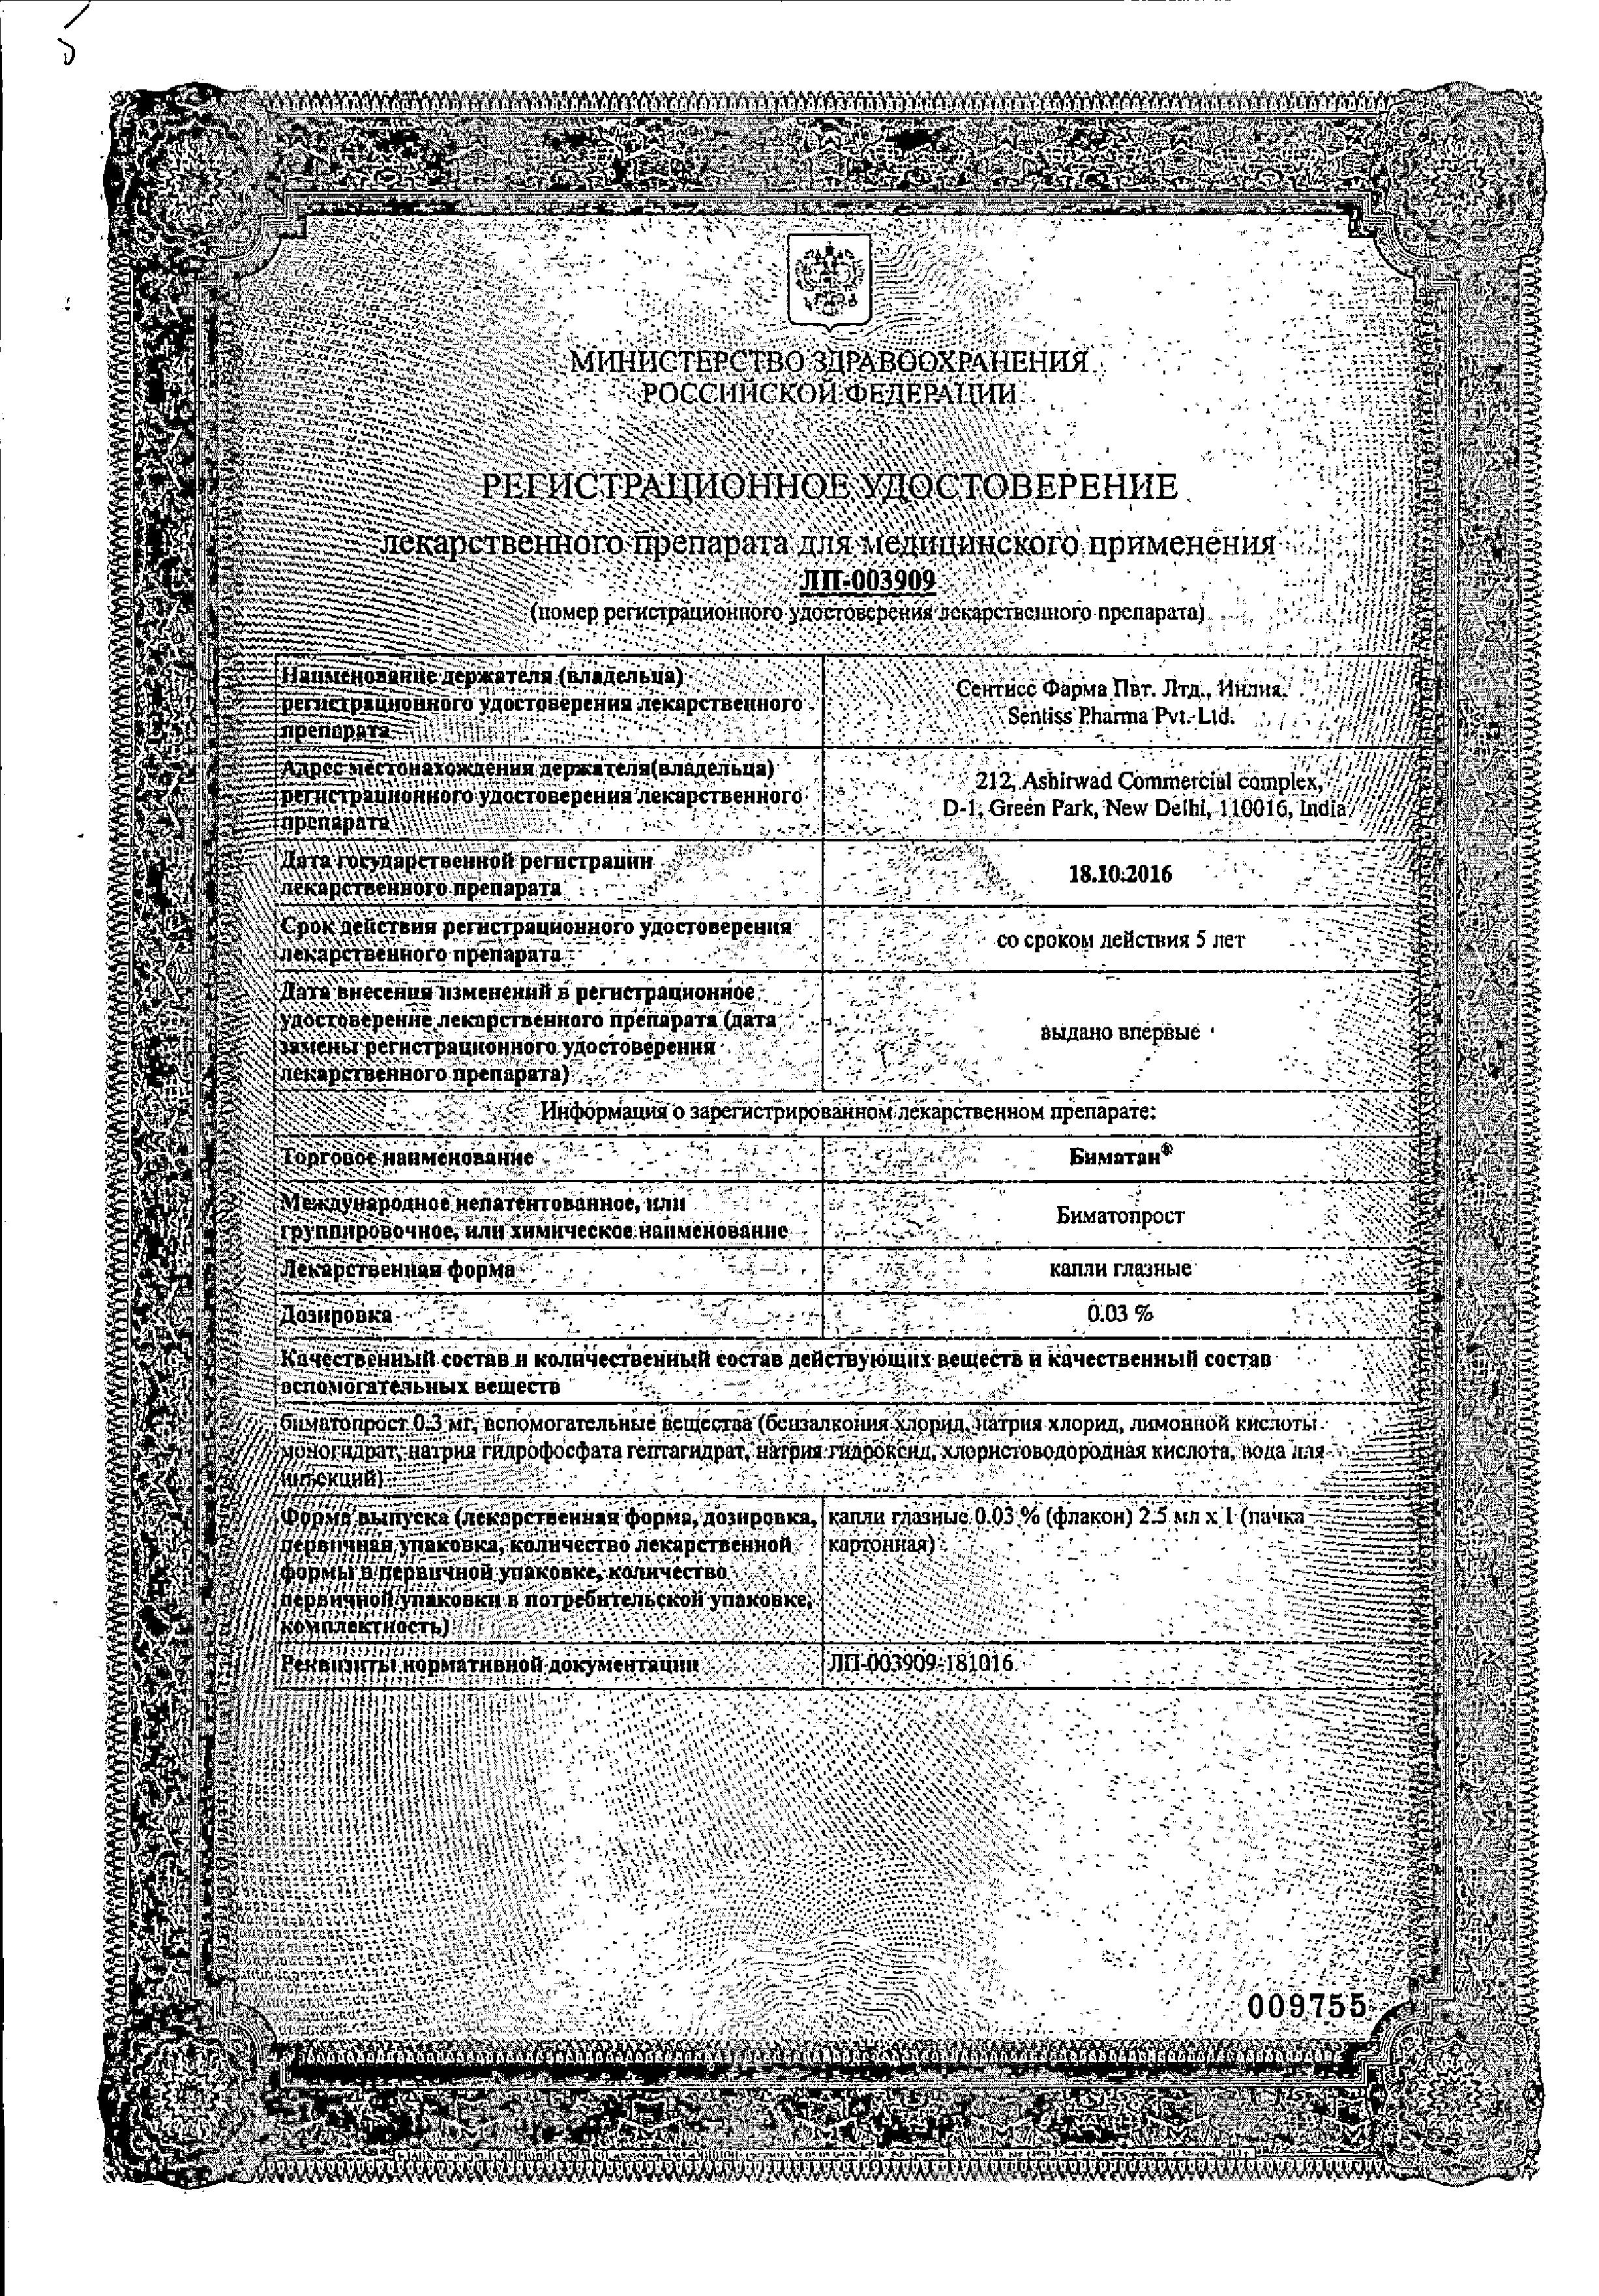 Биматан сертификат